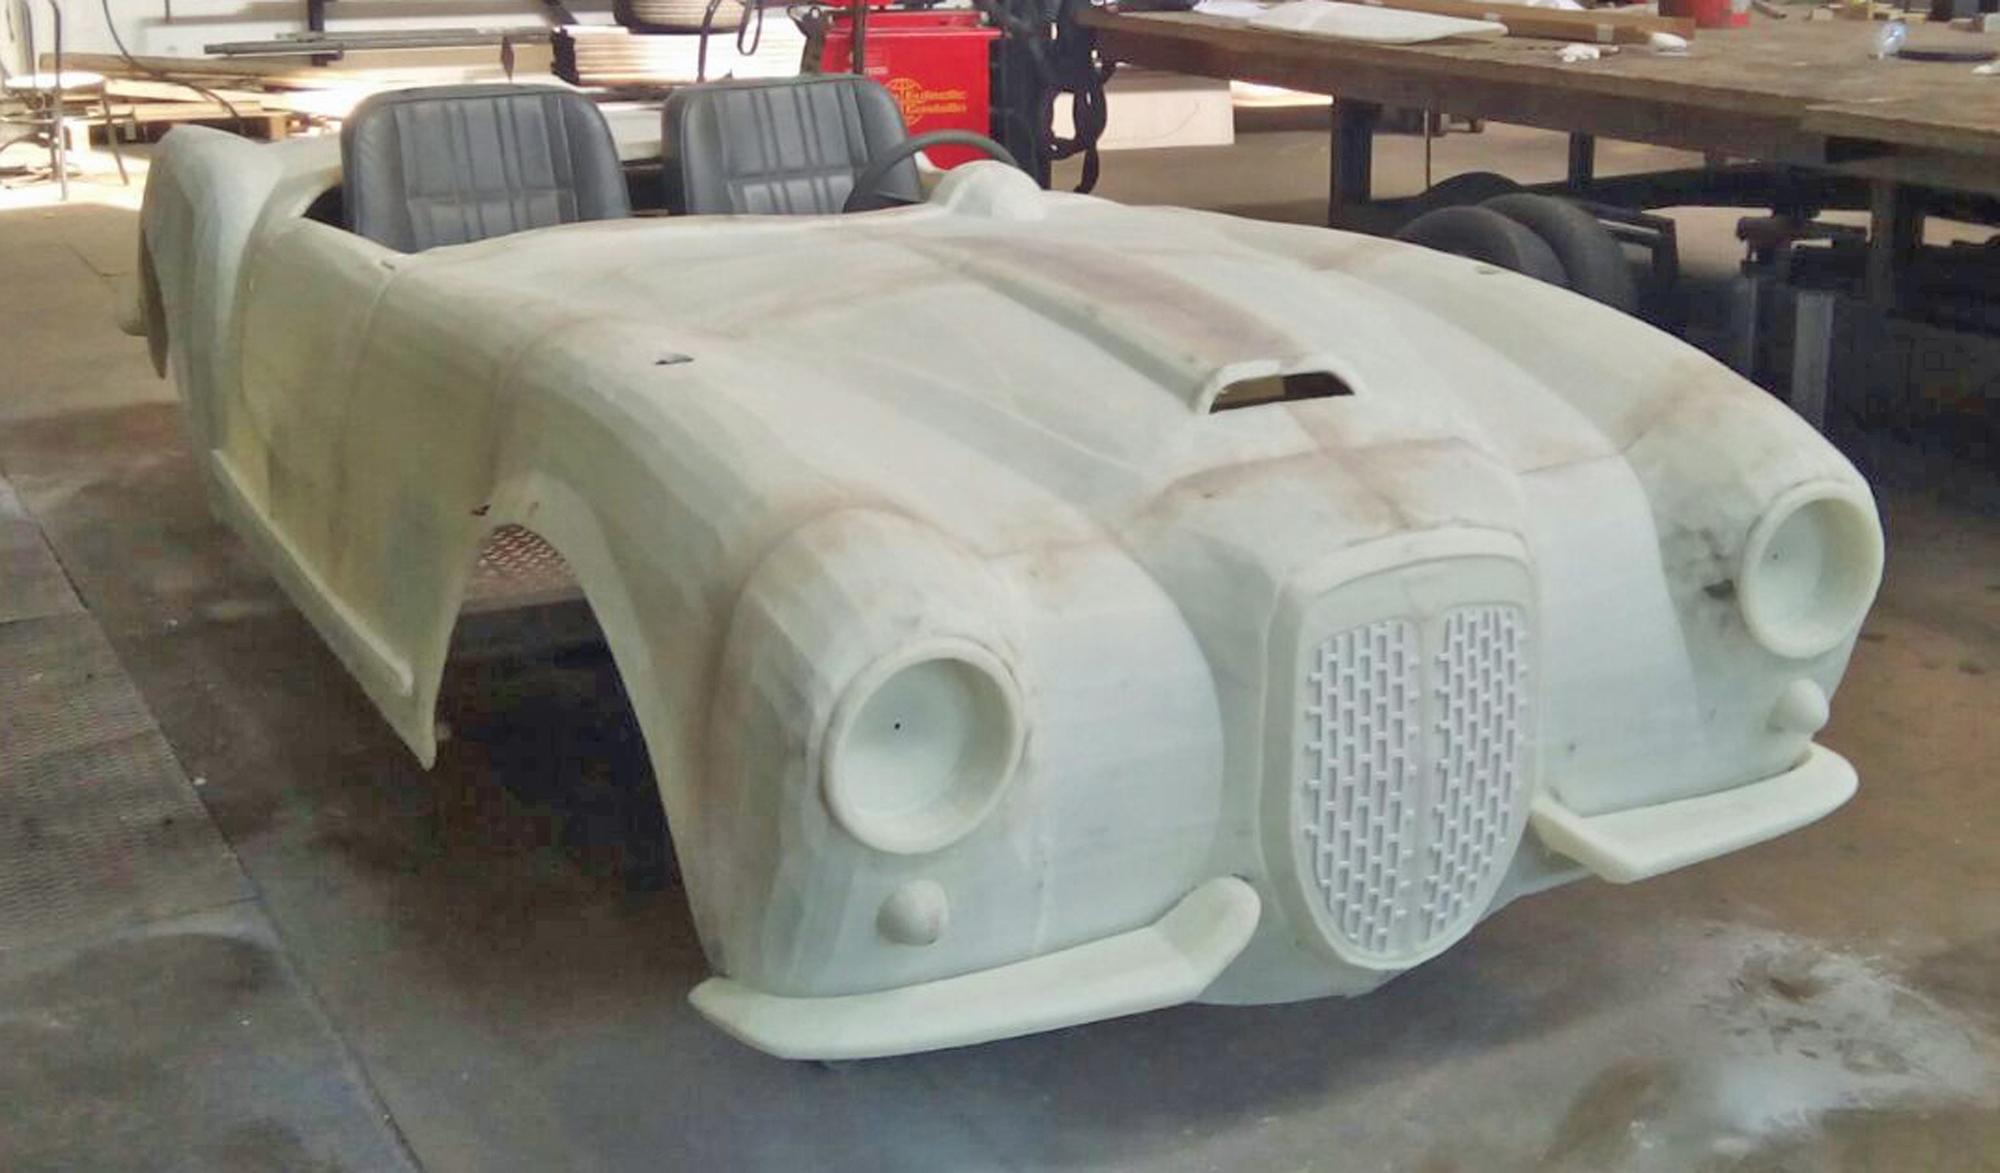 ماشین پرینت سه بعدی شده در نمایش اپرا در میلان